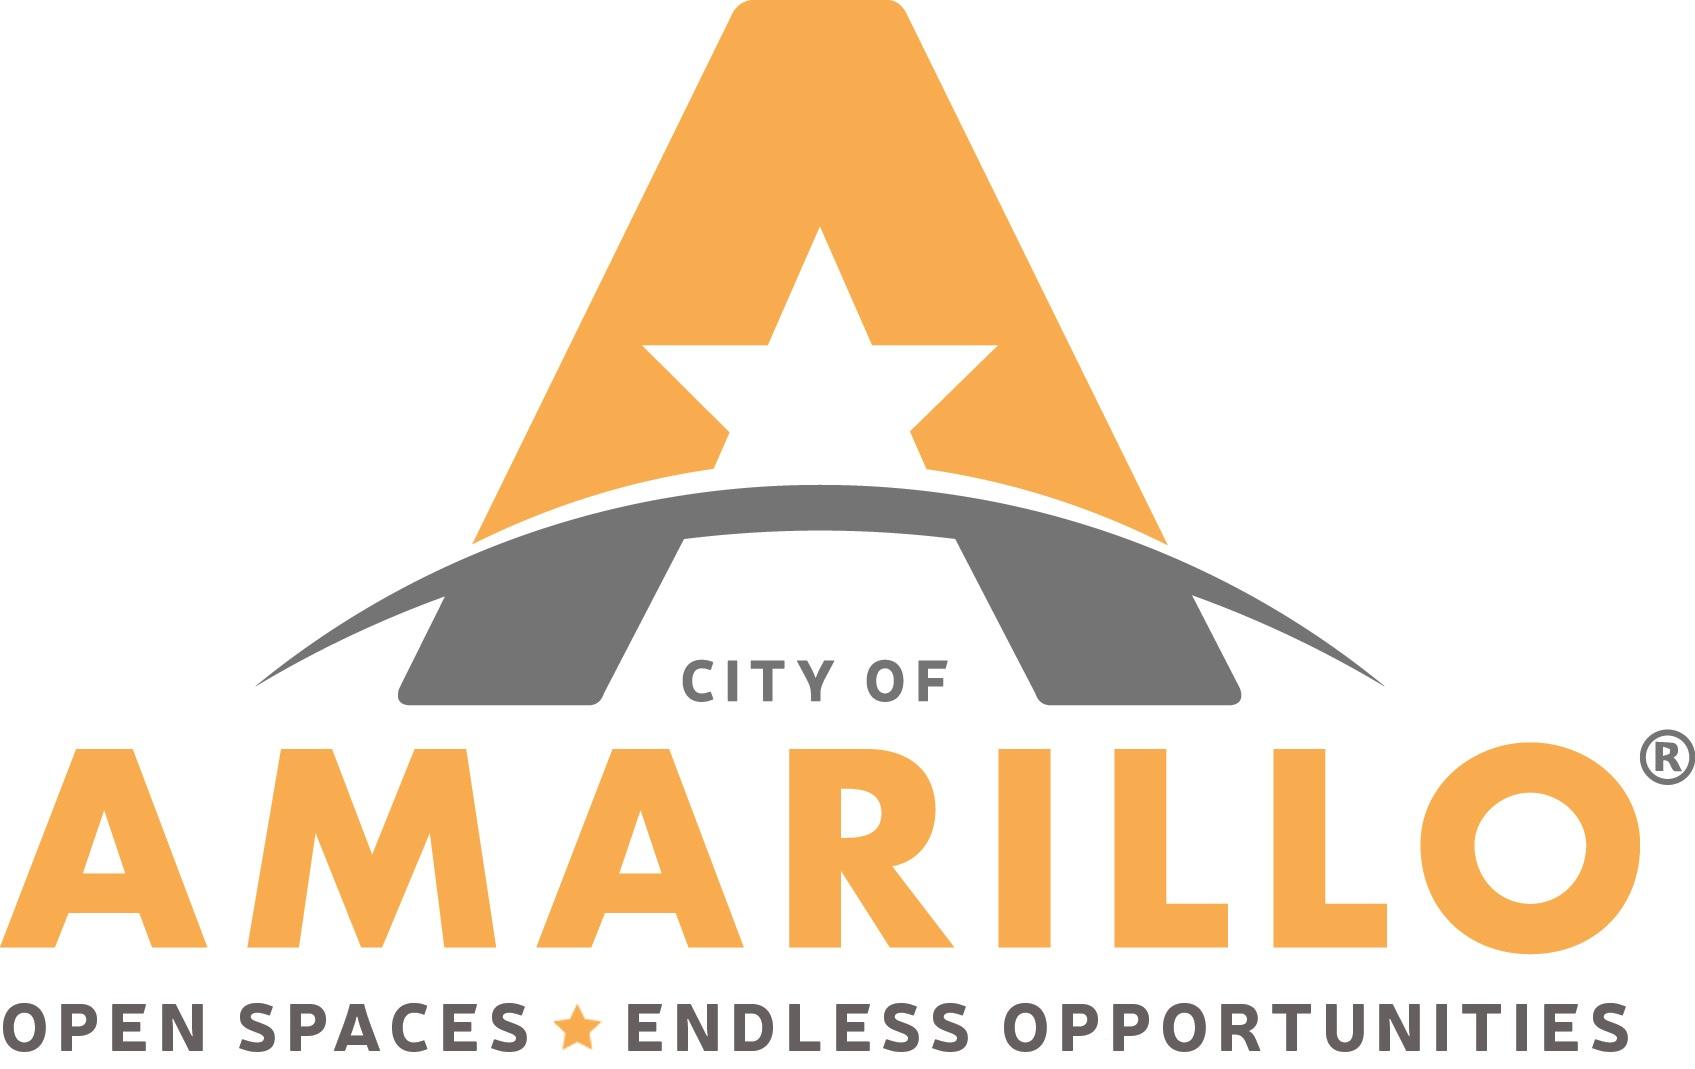 City of Amarillo Logo - USE